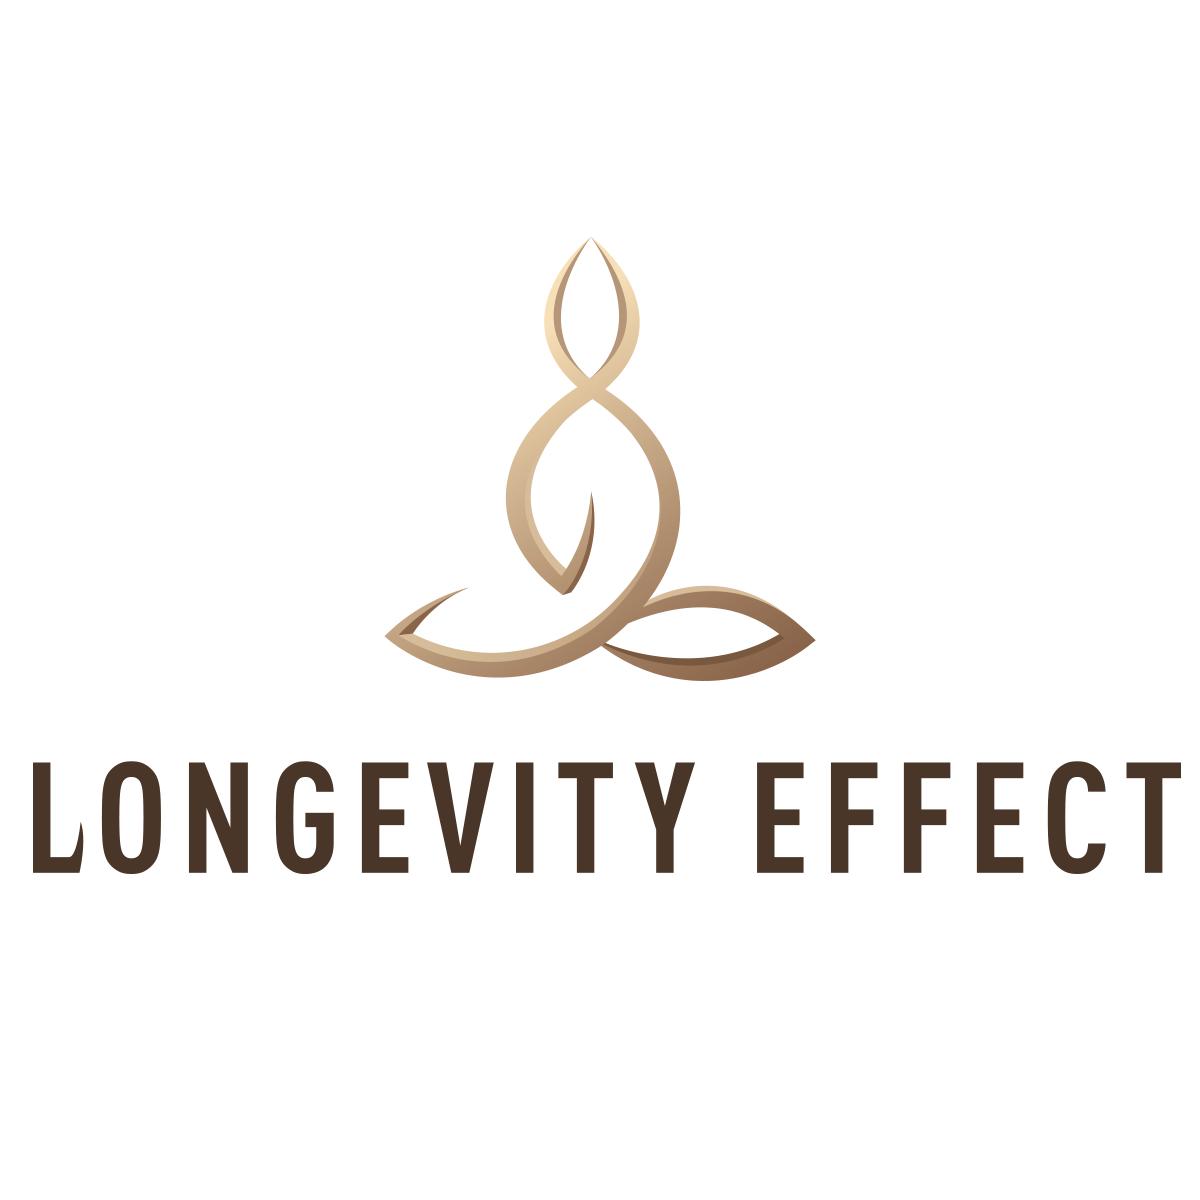 Longevity Effect